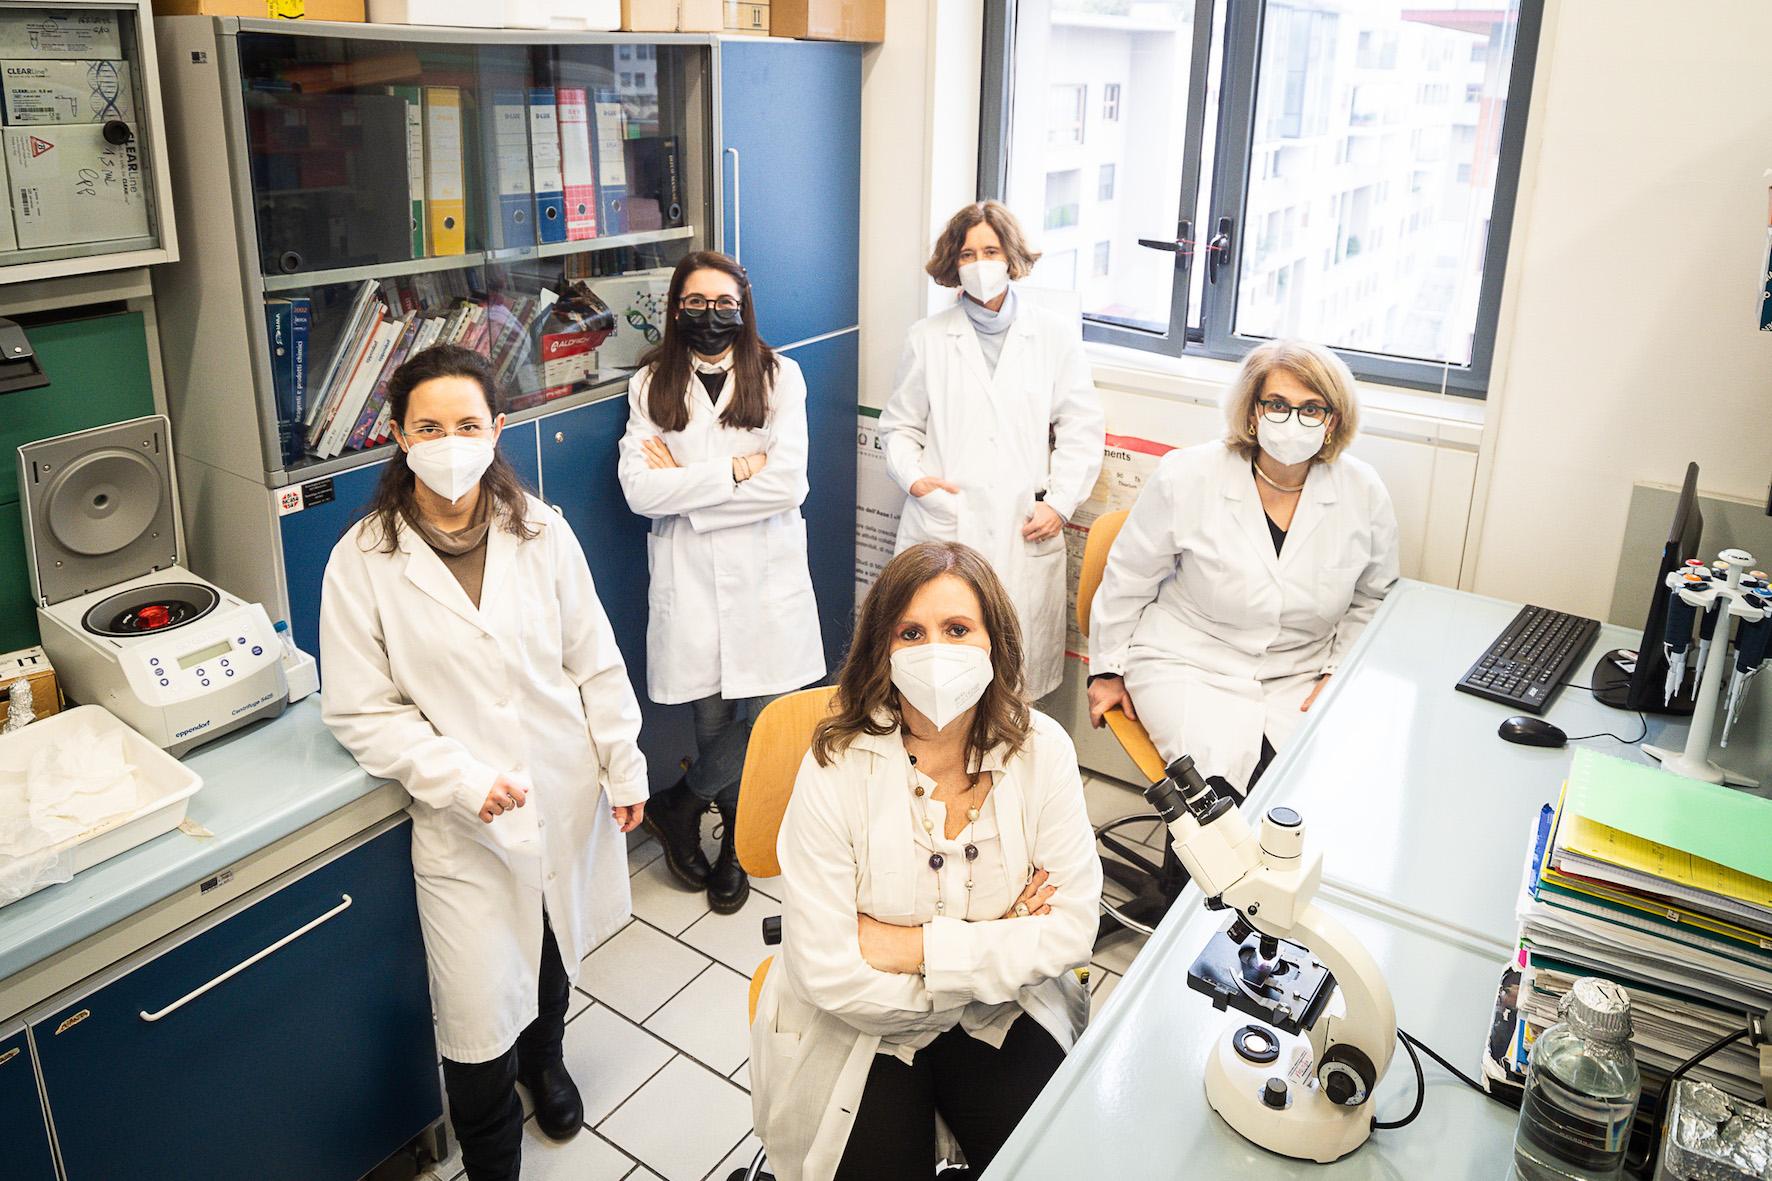 """bicocca-universita-del-crowdfunding-presenta-il-progetto-""""micro-val"""",-batteri-mangia-plastica-per-riciclare-i-rifiuti."""